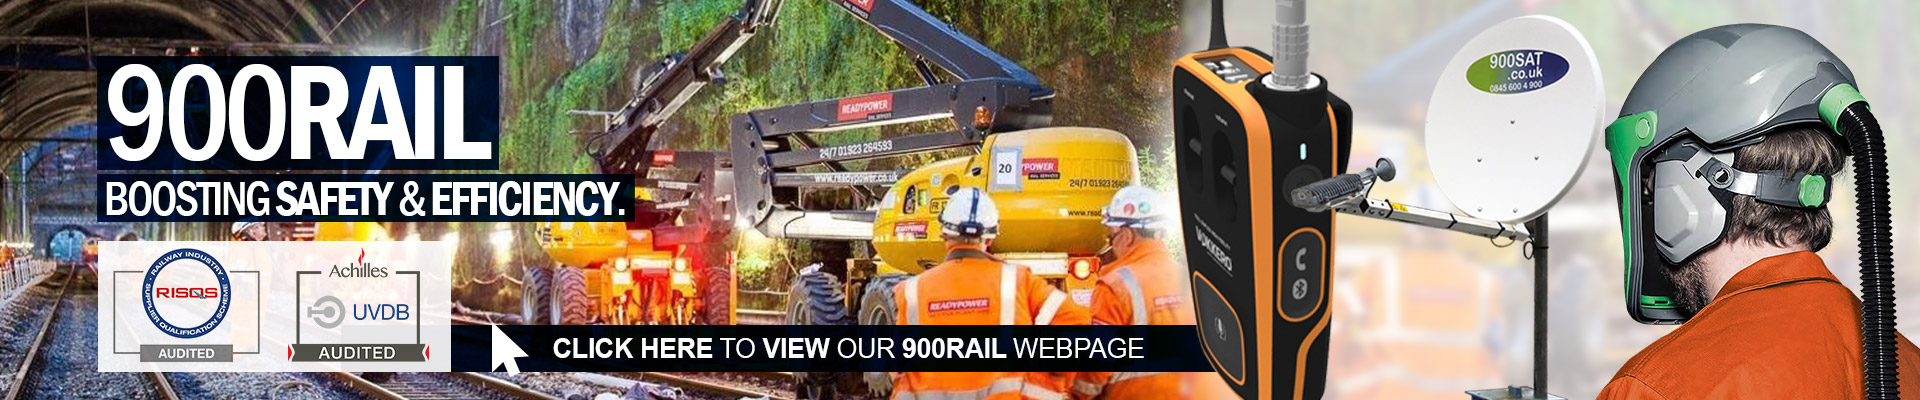 900rail-home-banner.jpg